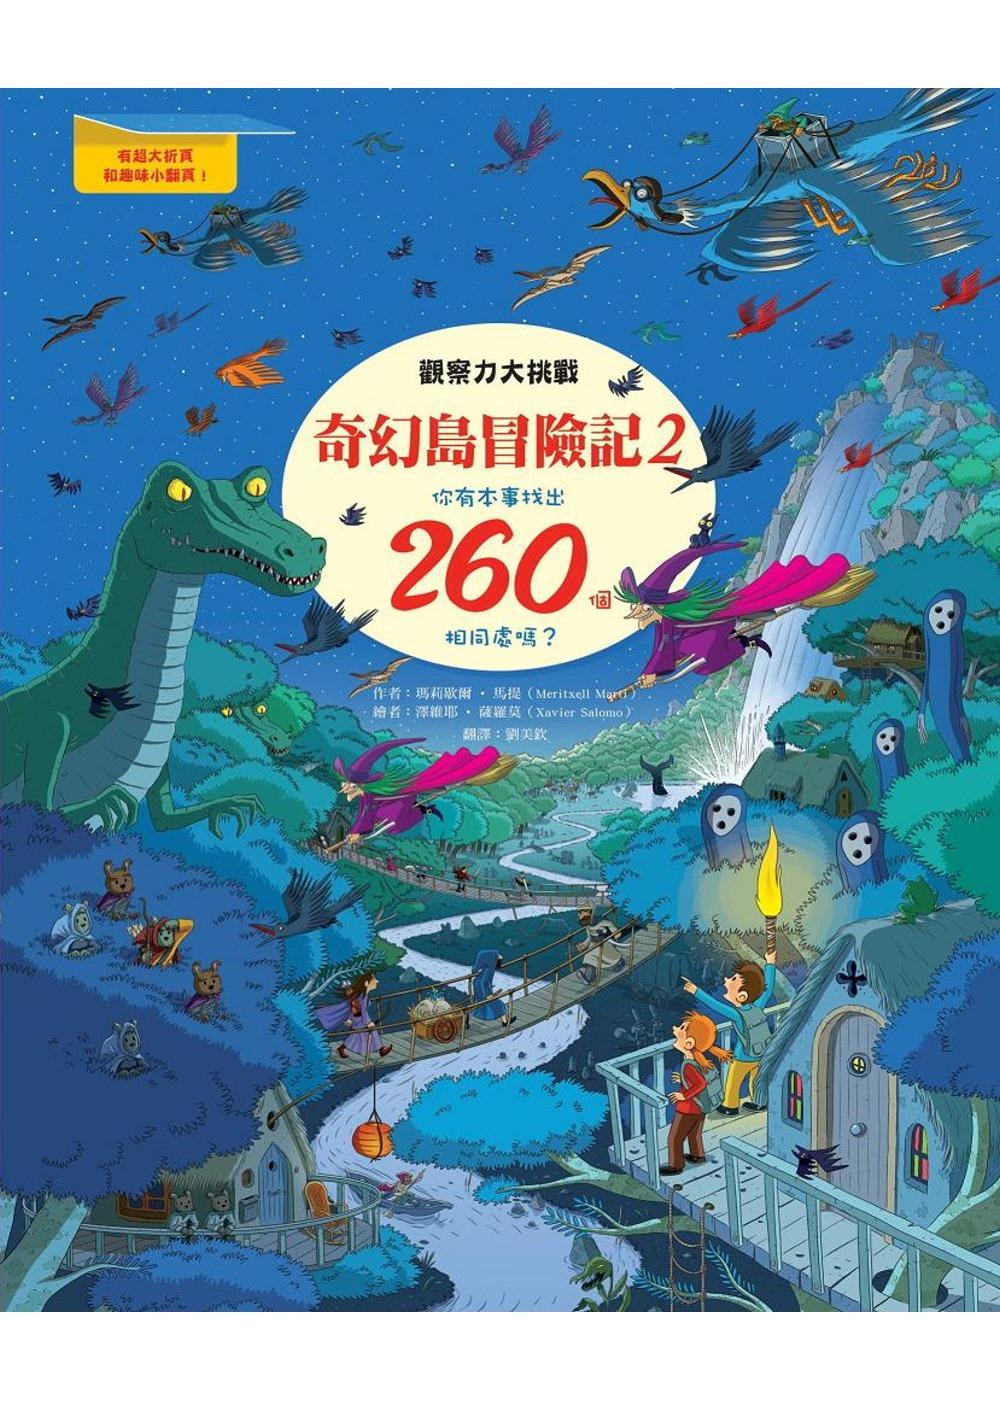 奇幻島冒險記2:觀察力大挑戰,你有本事找出260個相同處嗎?